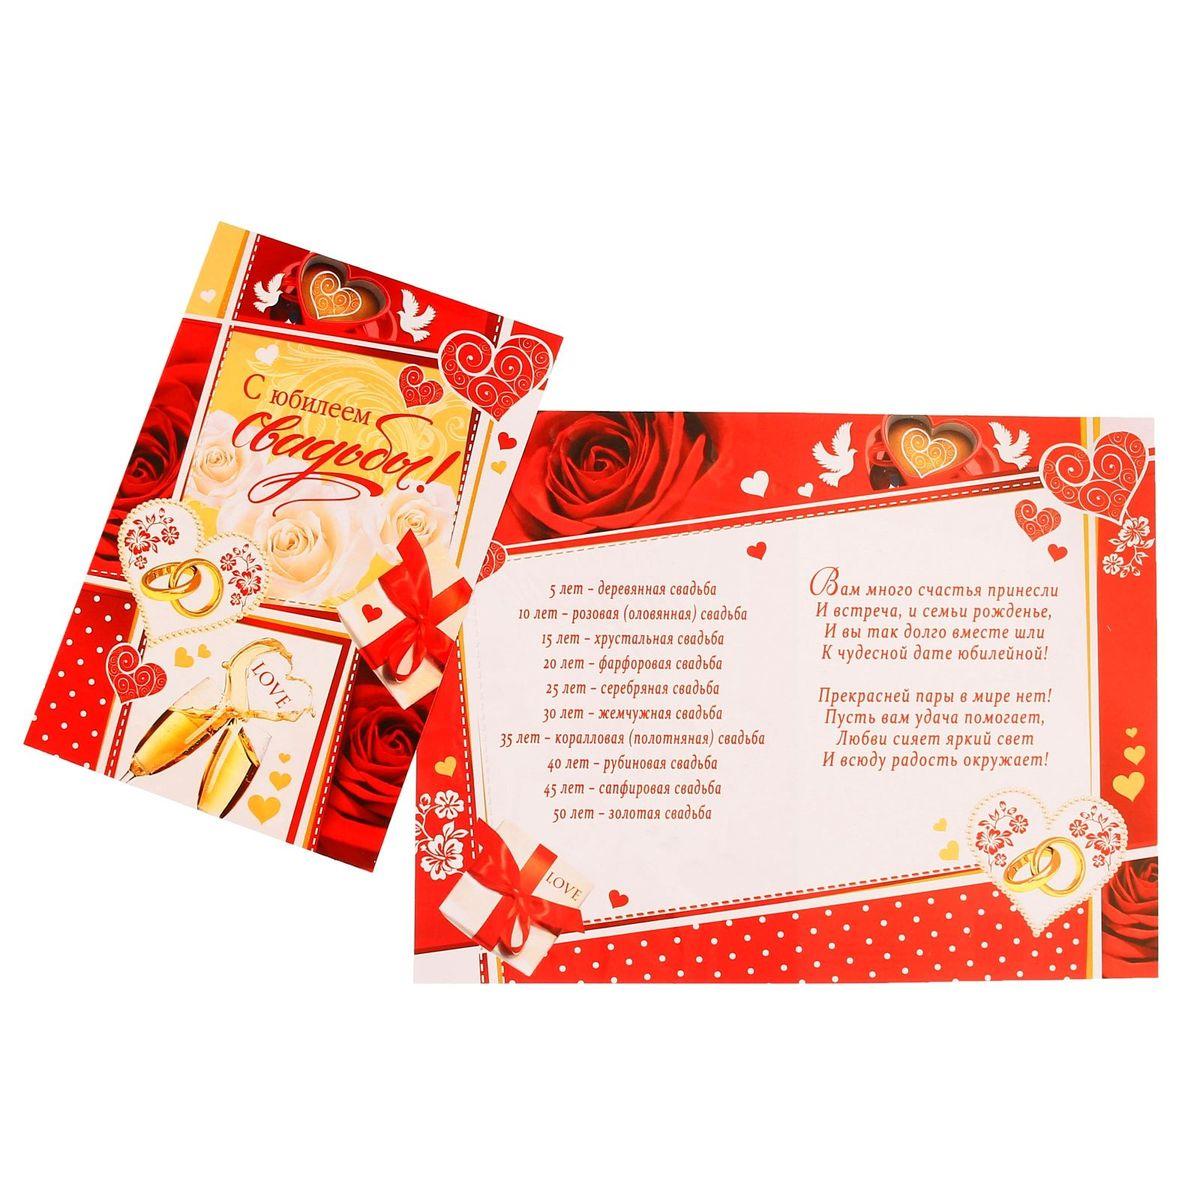 Открытка Мир открыток С юбилеем Свадьбы! Бокалы и подарки1088723Если вы хотите порадовать себя или близких, создать праздничное настроение и с улыбкой провести памятный день, то вы, несомненно, сделали правильный выбор! Открытка Мир открыток С юбилеем Свадьбы! Бокалы и подарки, выполненная из картона, отличается не только оригинальным дизайном, но и высоким качеством. Лицевая сторона изделия оформлена красивым изображением роз, бокалов и колец. Внутри открытка содержит текст с поздравлением. Такая открытка непременно порадует получателя и станет отличным напоминанием о проведенном вместе времени.